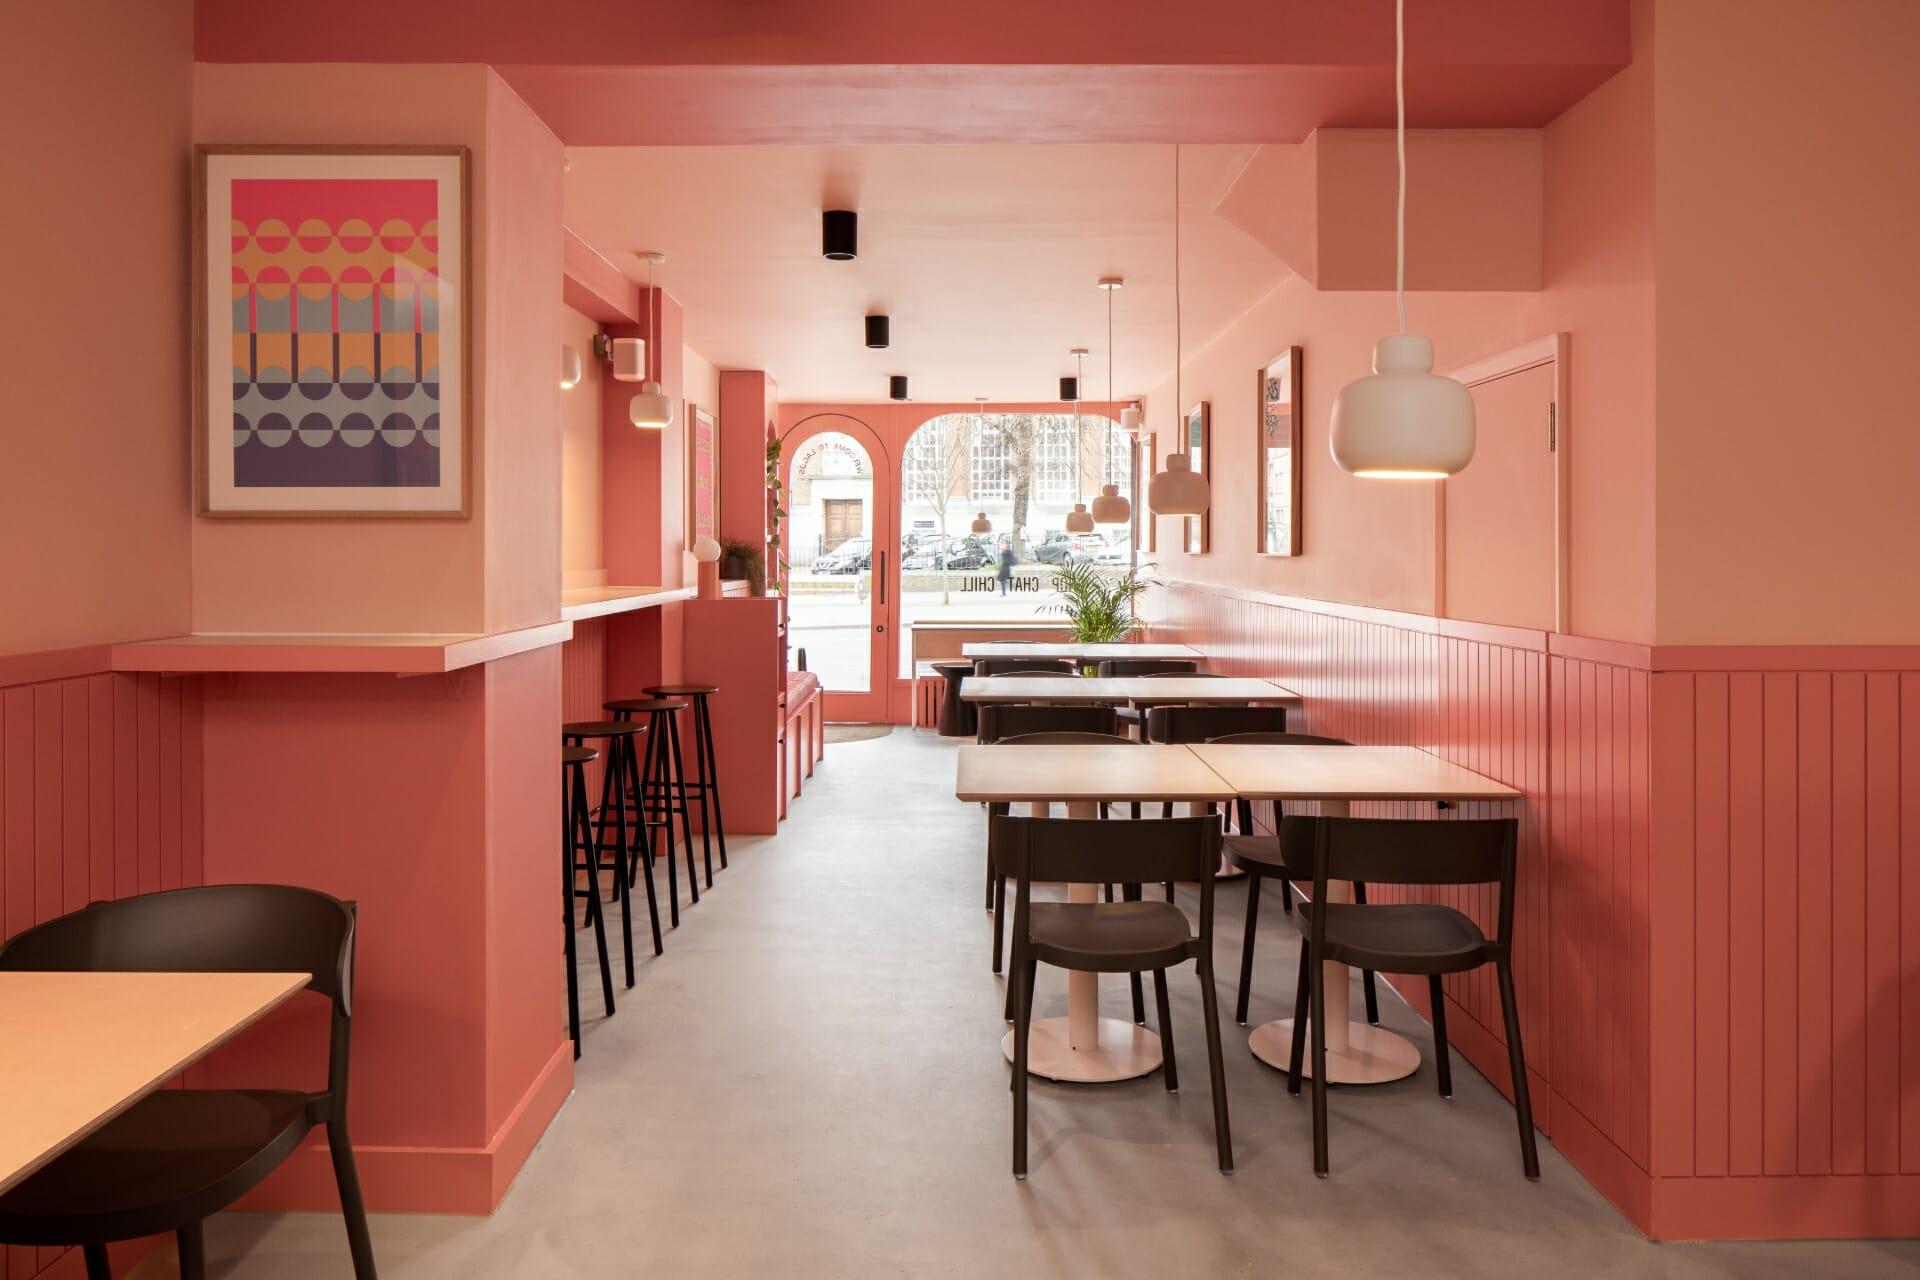 Chuku's reopened restaurants London